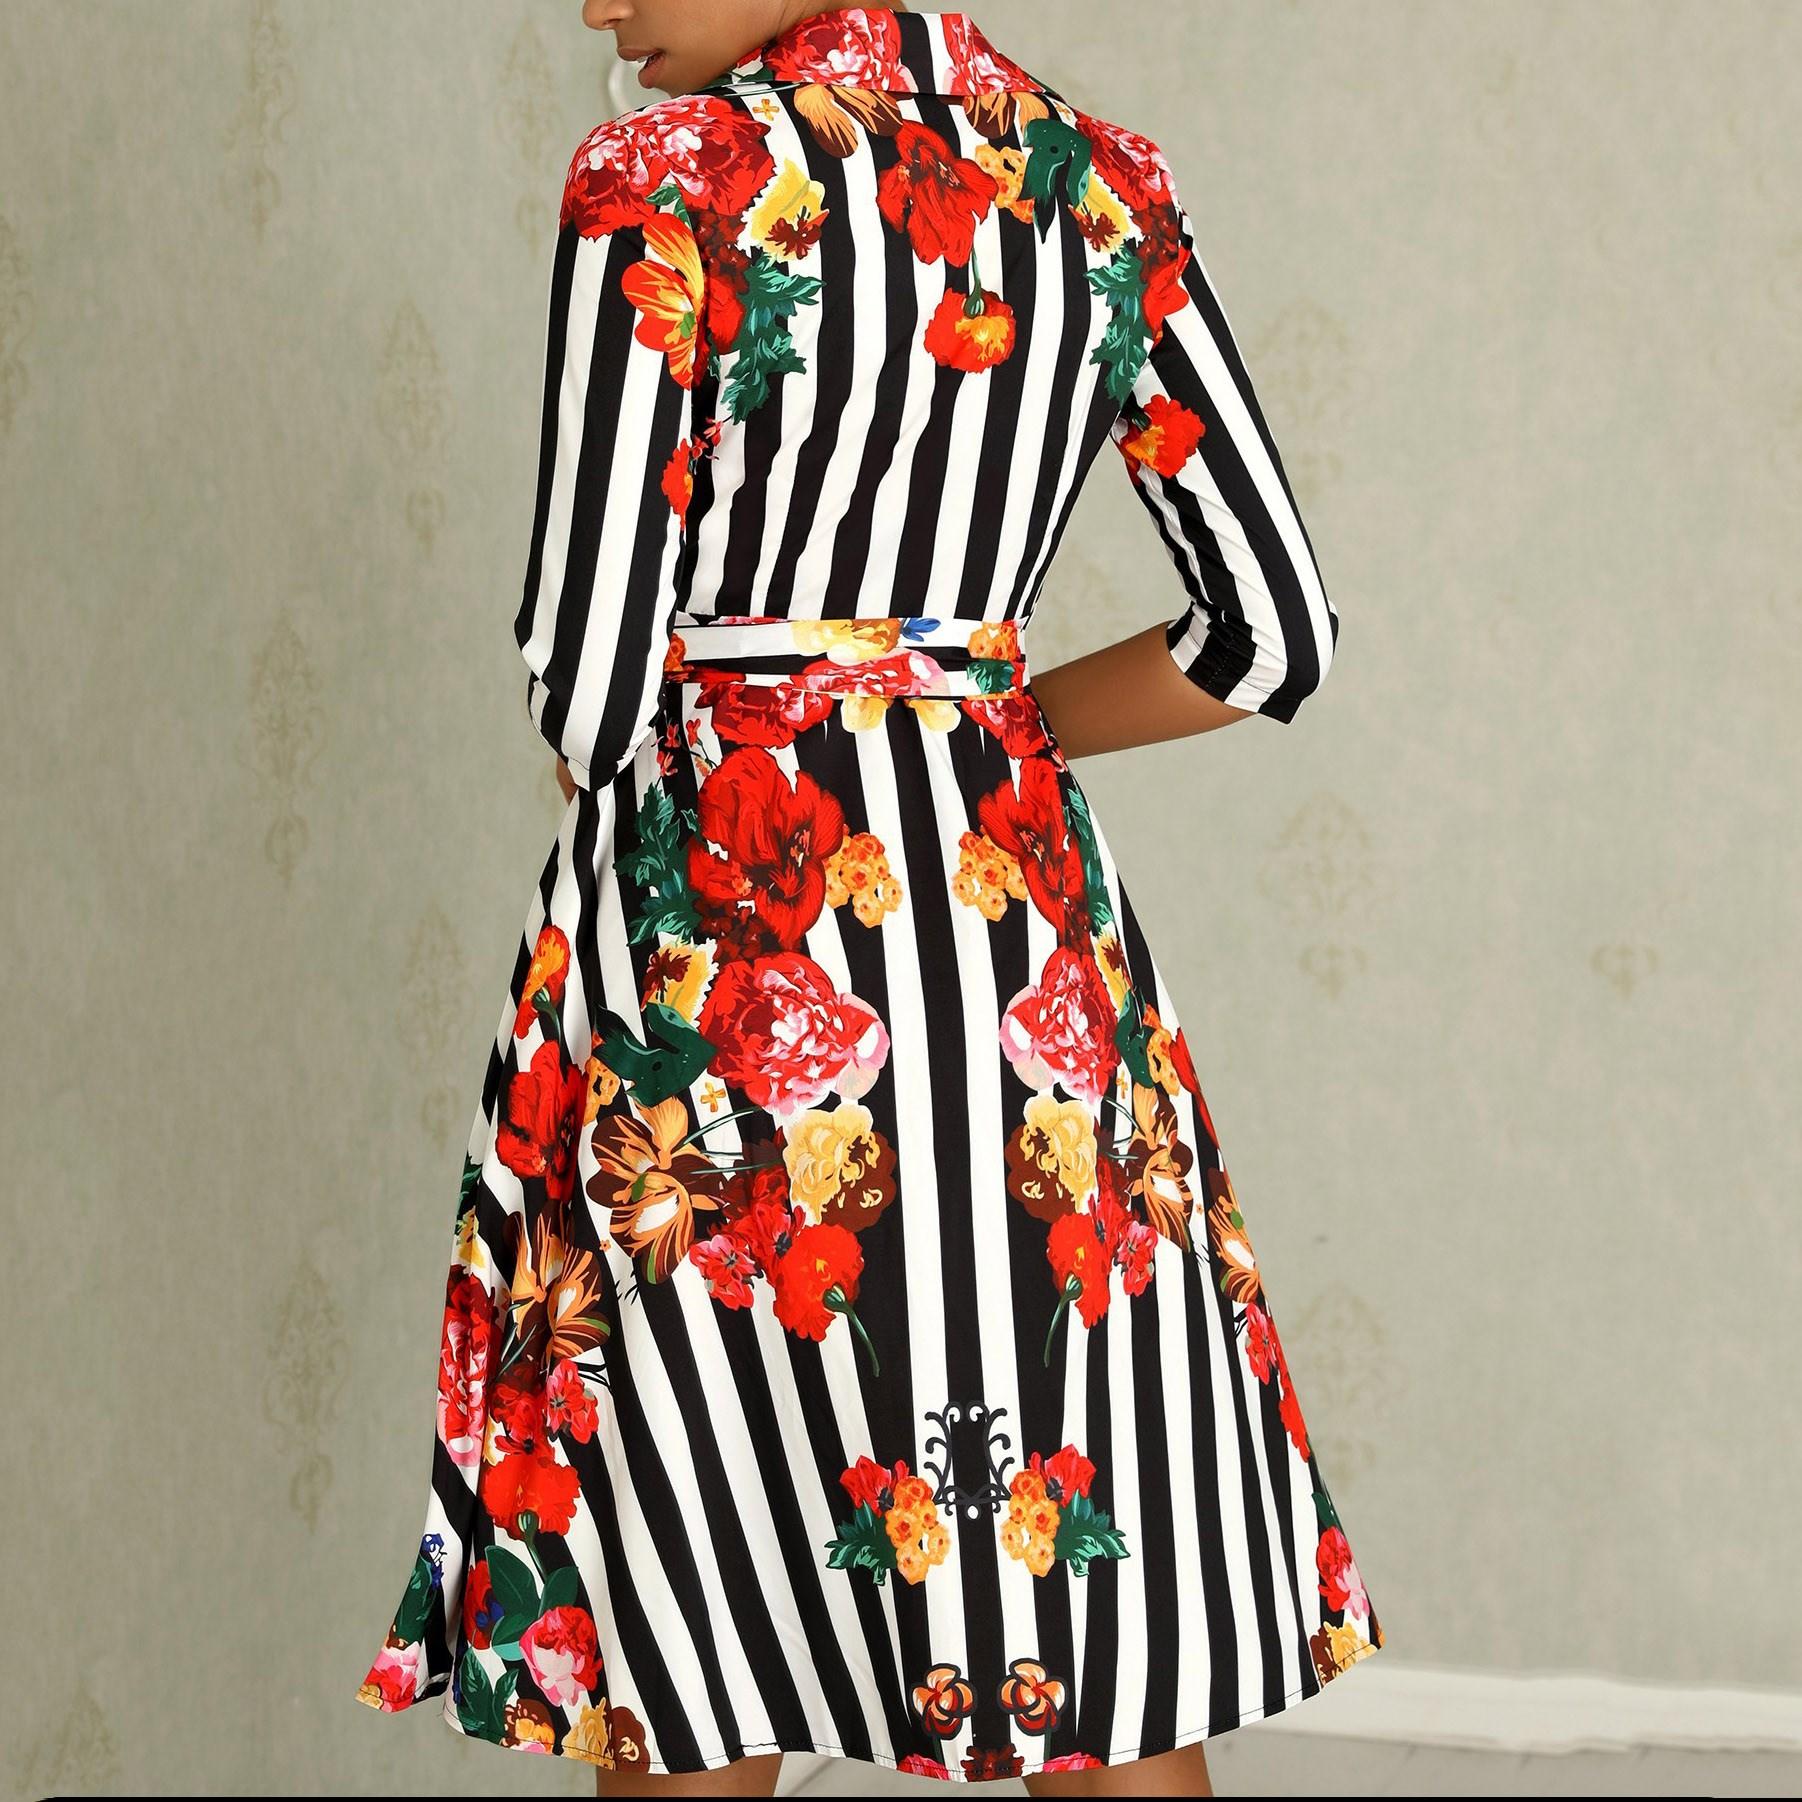 Frauen Sommer Floral Halbe Hülse Kleider Schärpen Damen Revers Hemd Kleid Mid Streifen Gedruckt Kleid - 5